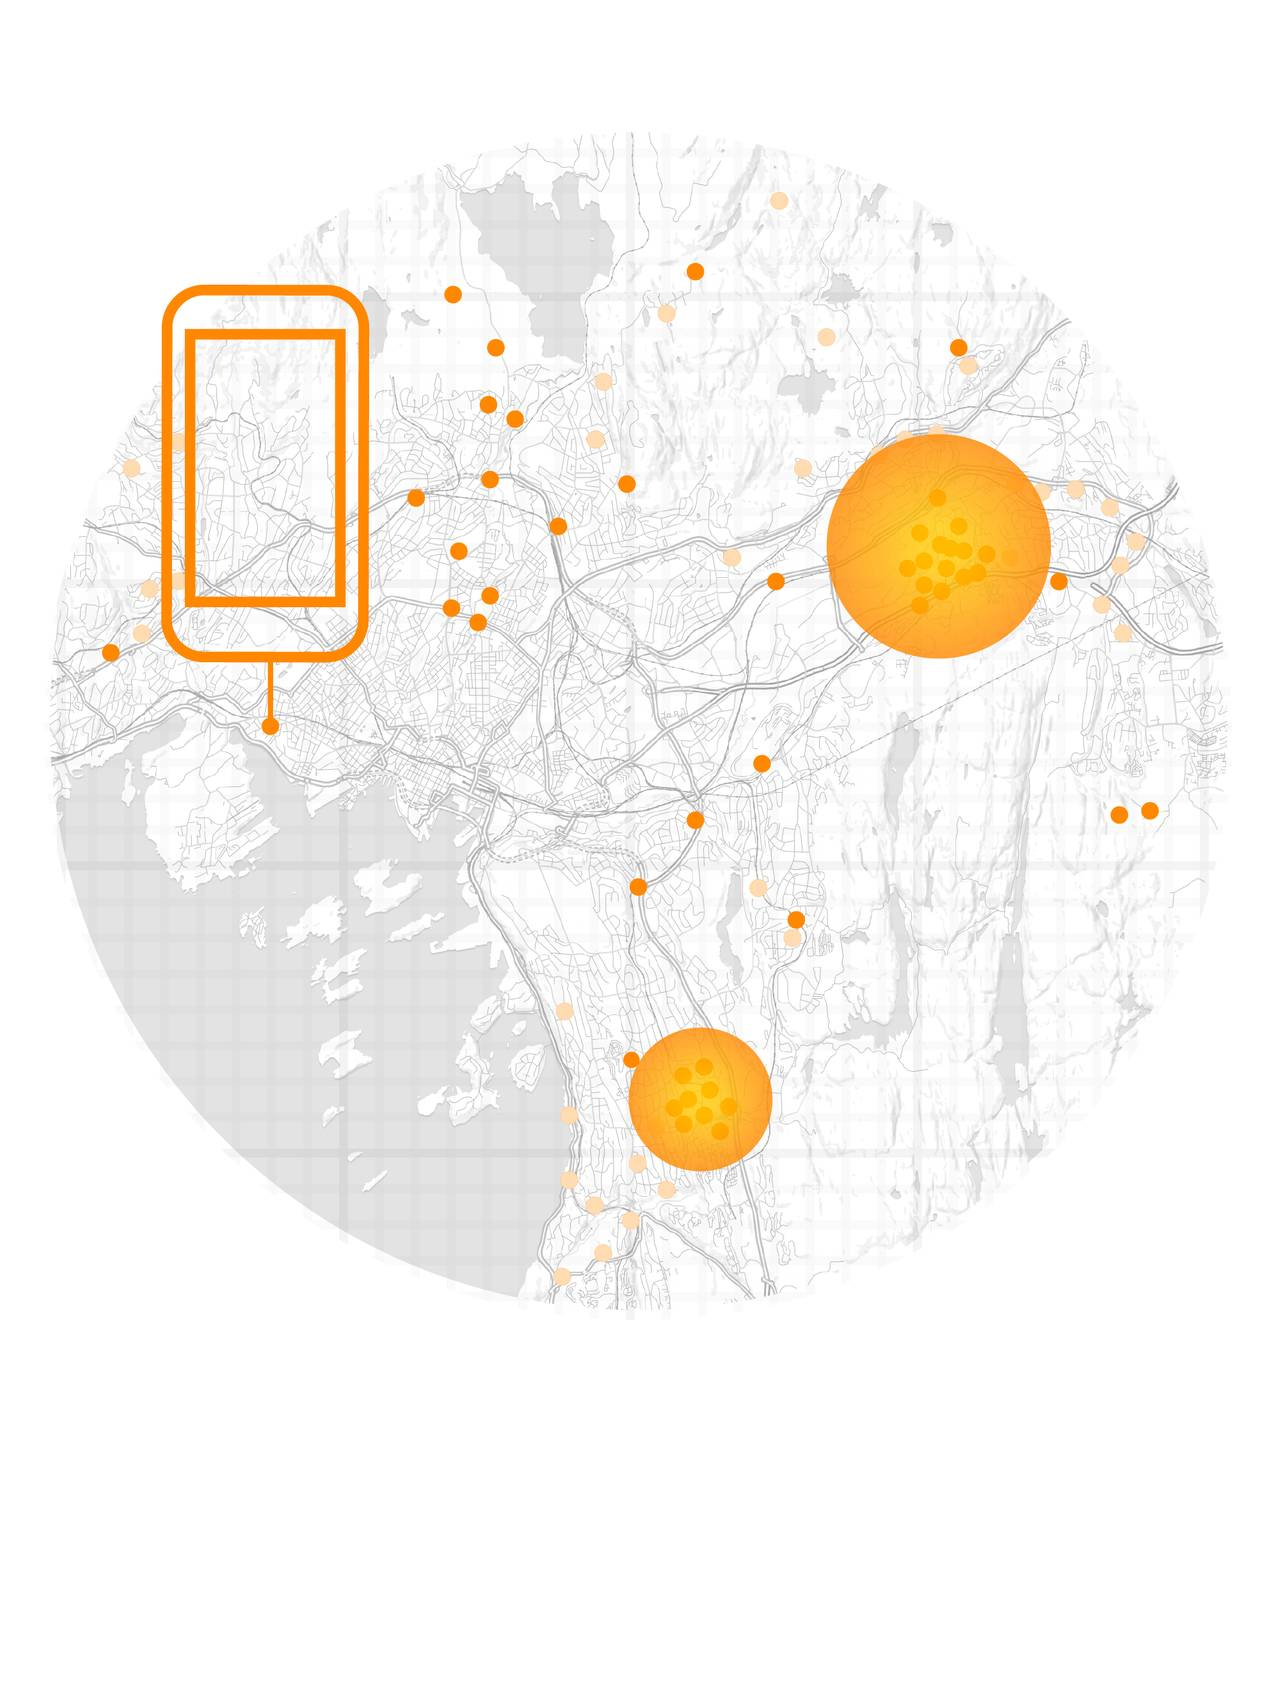 Noen små prikker fordelt utover kart, to store sirkler der det er samlinger med mange prikker.